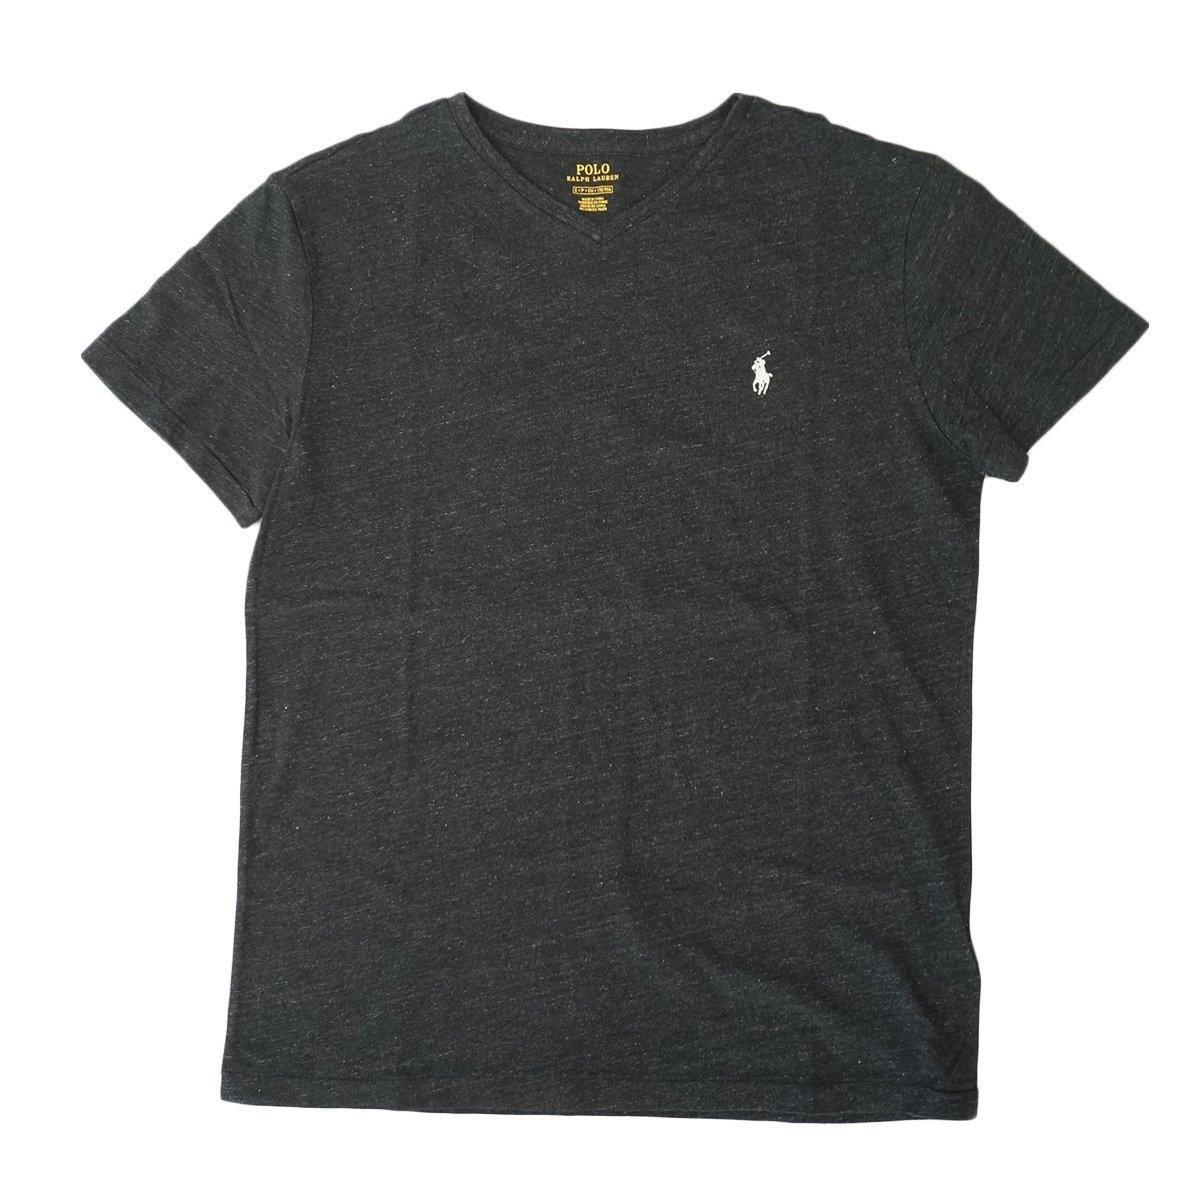 ワンポイント (ポロ ラルフローレン) [並行輸入品] 半袖 Vネック メンズ POLO Ralph Lauren Tシャツ